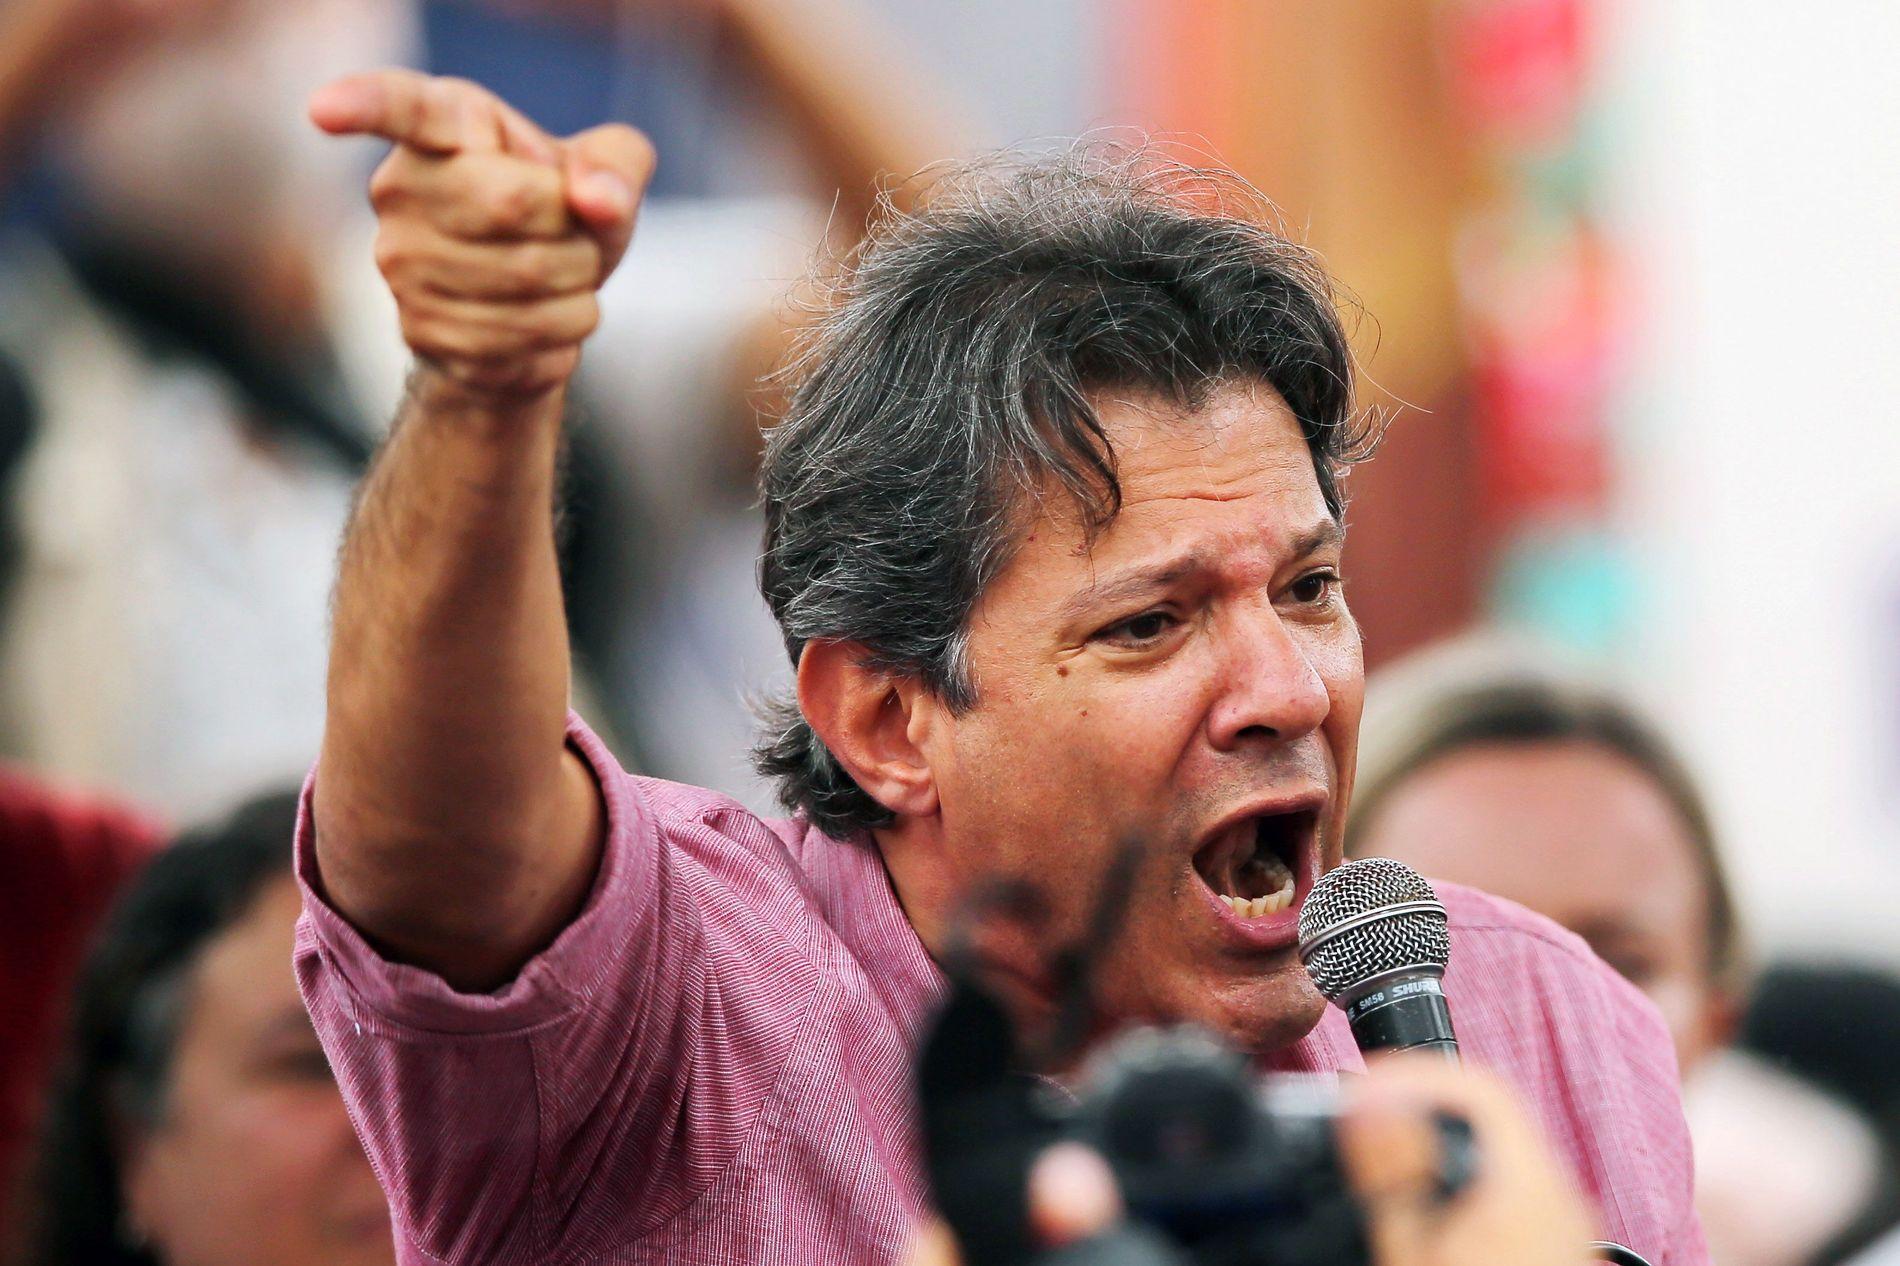 KJEMPER FOR EKSPRESIDENT: Fernando Haddad har dedikert mye av sin tid til å kjempe for løslatelsen av partikollega «Lula», ekspresidenten som sitter fengslet for korrupsjon.